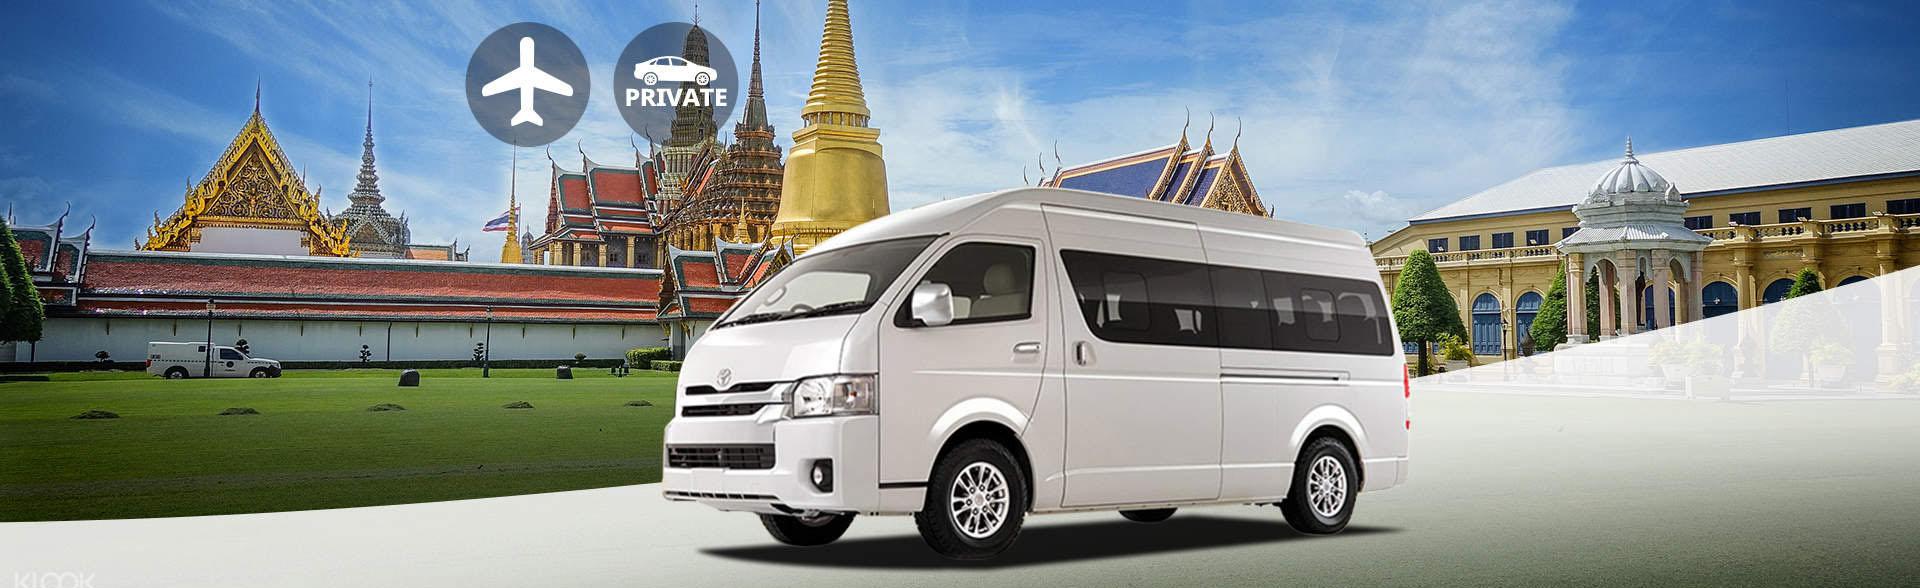 xe-dua-don-tu-san-bay-don-mueang-ve-bangkok